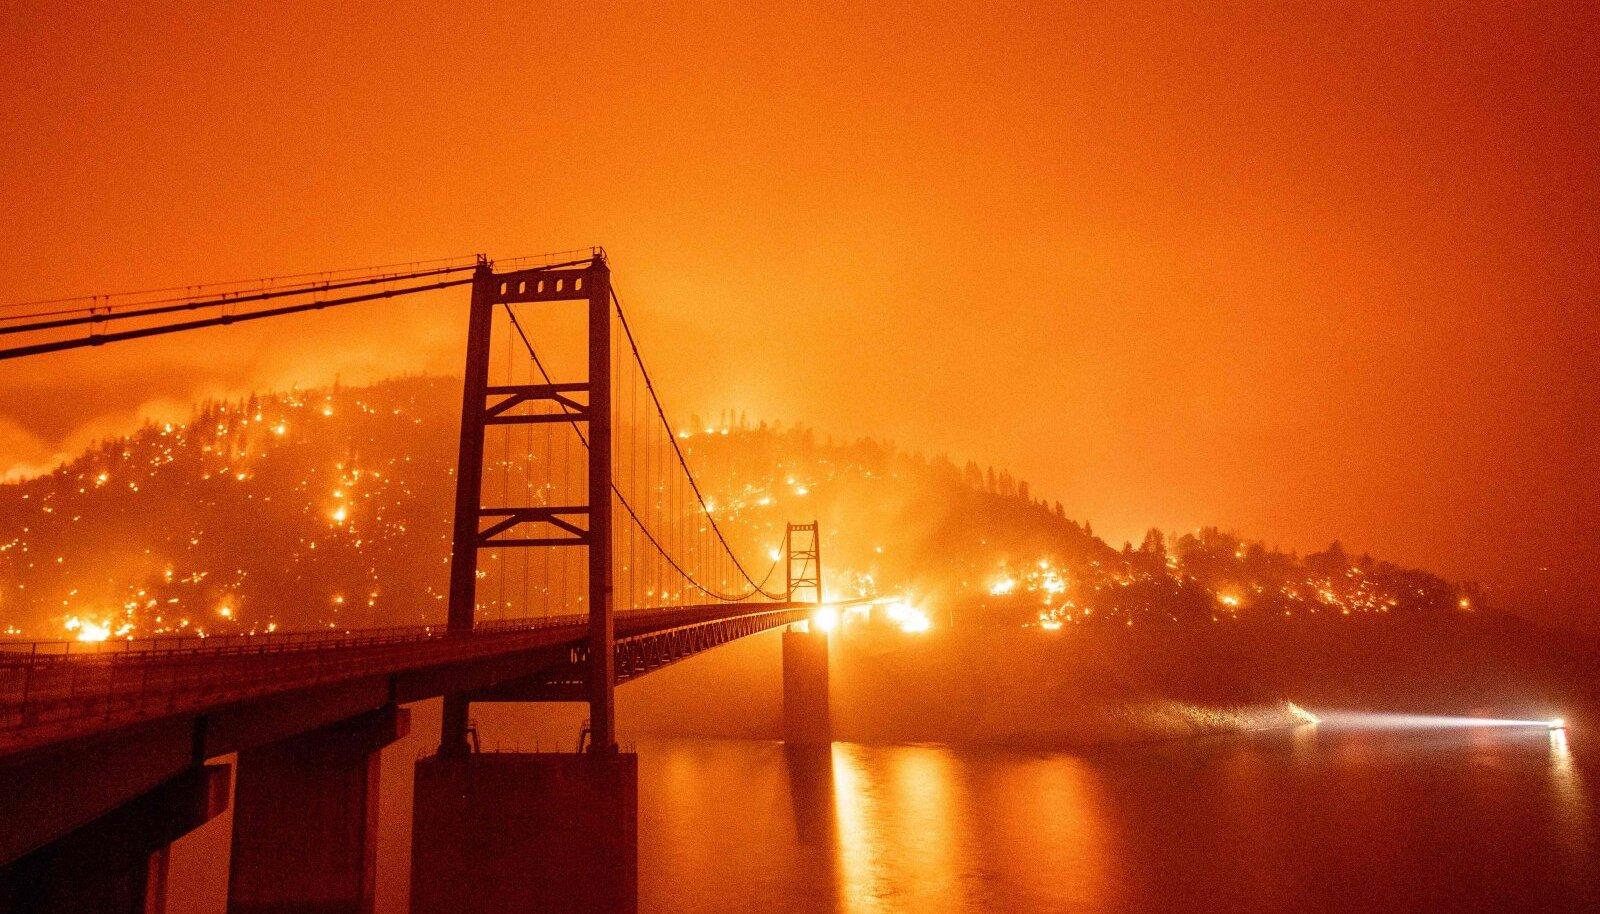 Alles äsja räsis Californiat praeguse aja esimene gigapõleng, mis sai alguse augustis ning kestis veel oktoobriski. Kliima soojenedes niisugused põlengud sagenevad.